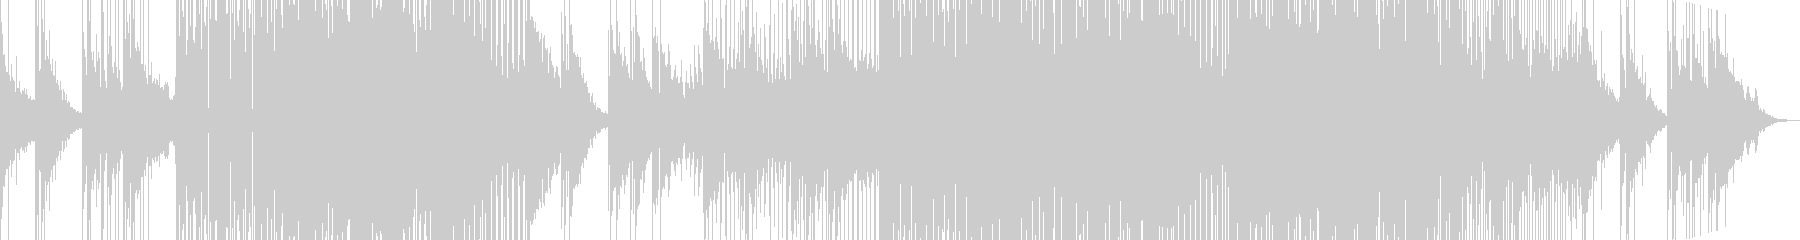 ハウス ダンス プログレッシブ お...の未再生の波形